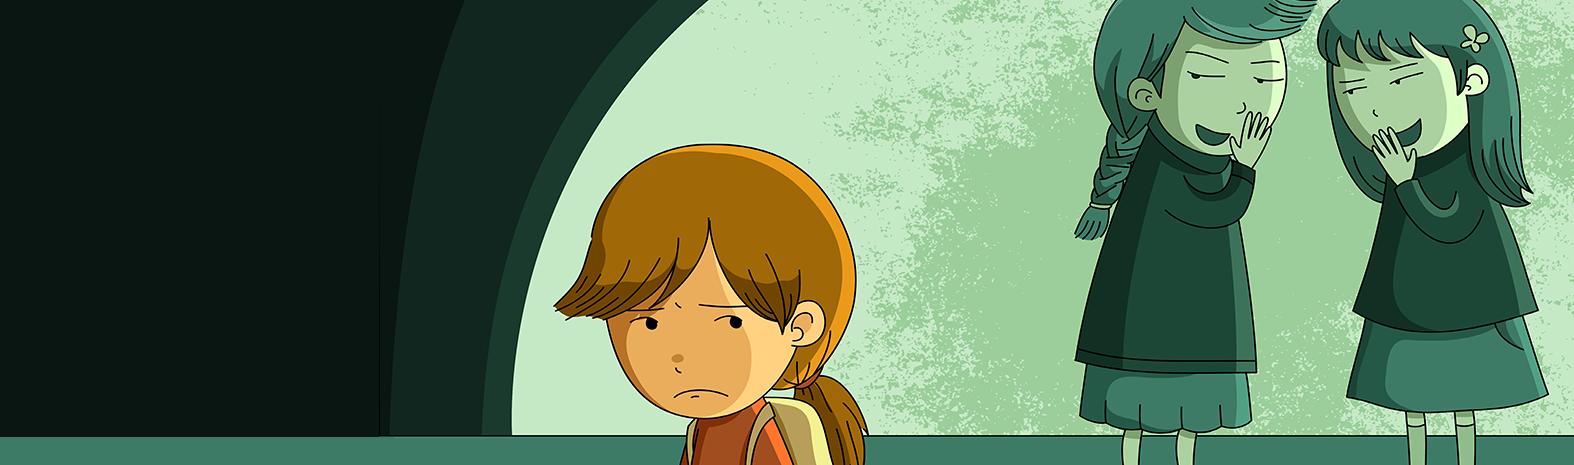 Erken Çocukluk ve Temel Eğitim Çağında Zorbalık